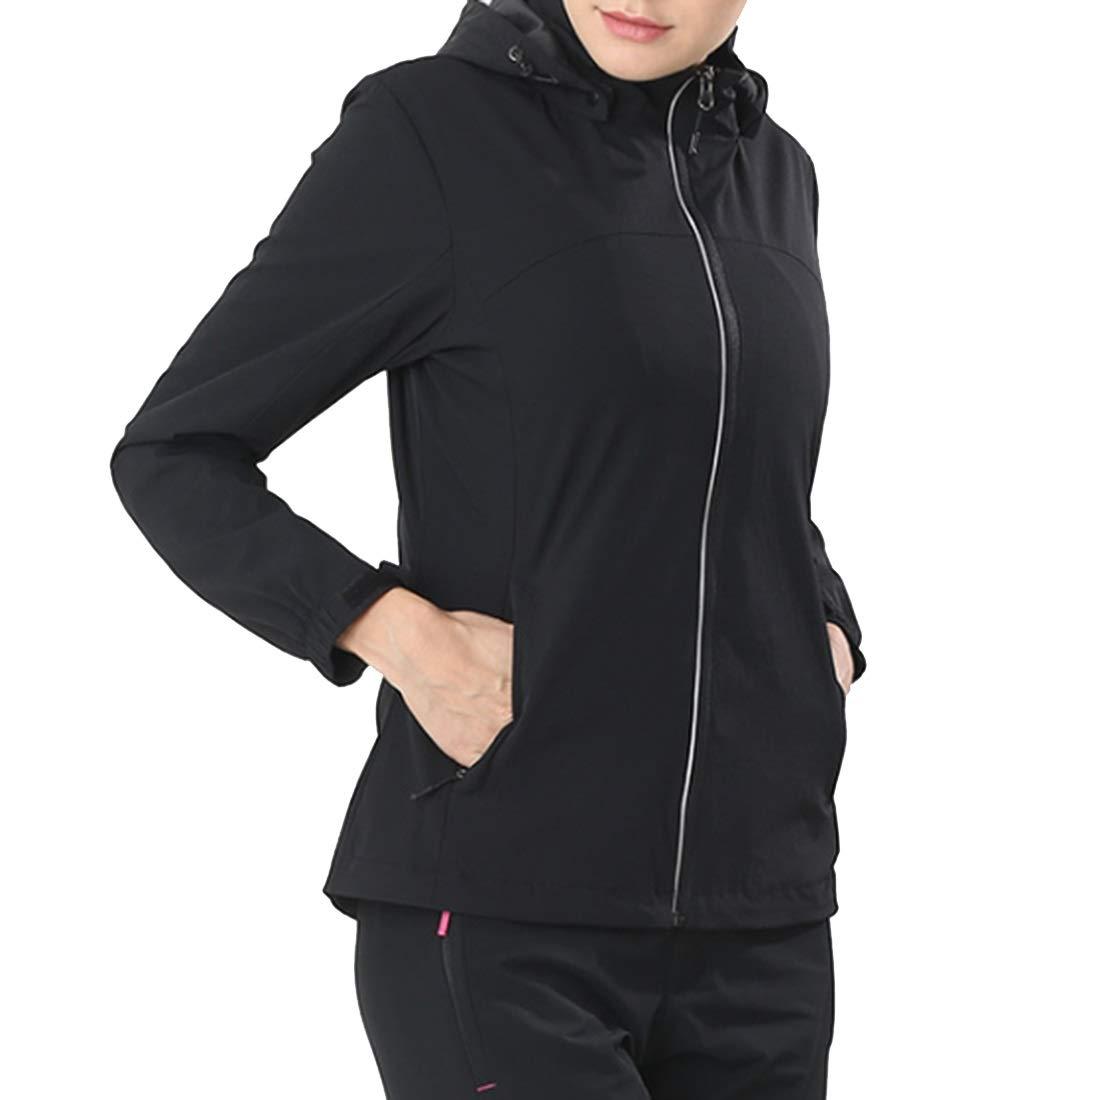 e20c9d1e9 2 L Cvthfyky Women's Hooded Windproof Rain Windbreaker Outdoor Raincoat  Jacket Zipper nvshkb2601-3-in-1 Jackets